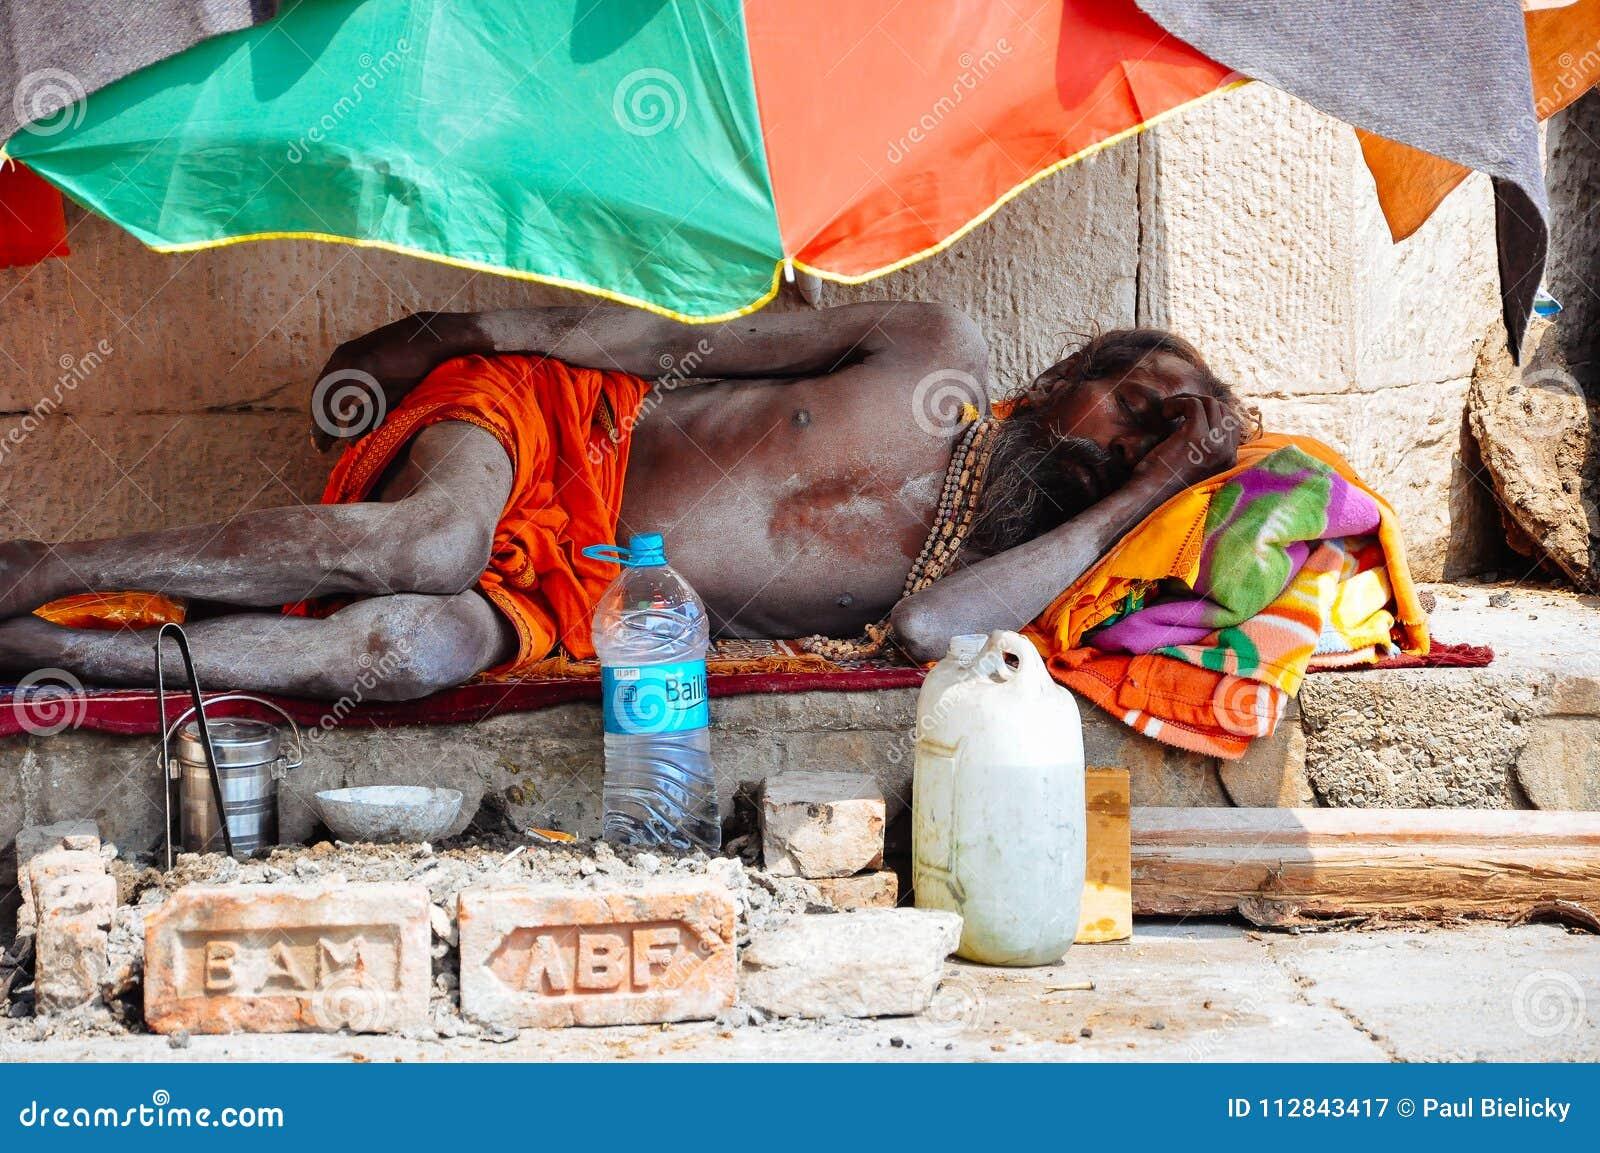 A sadhu sleeps in Varanasi, India.